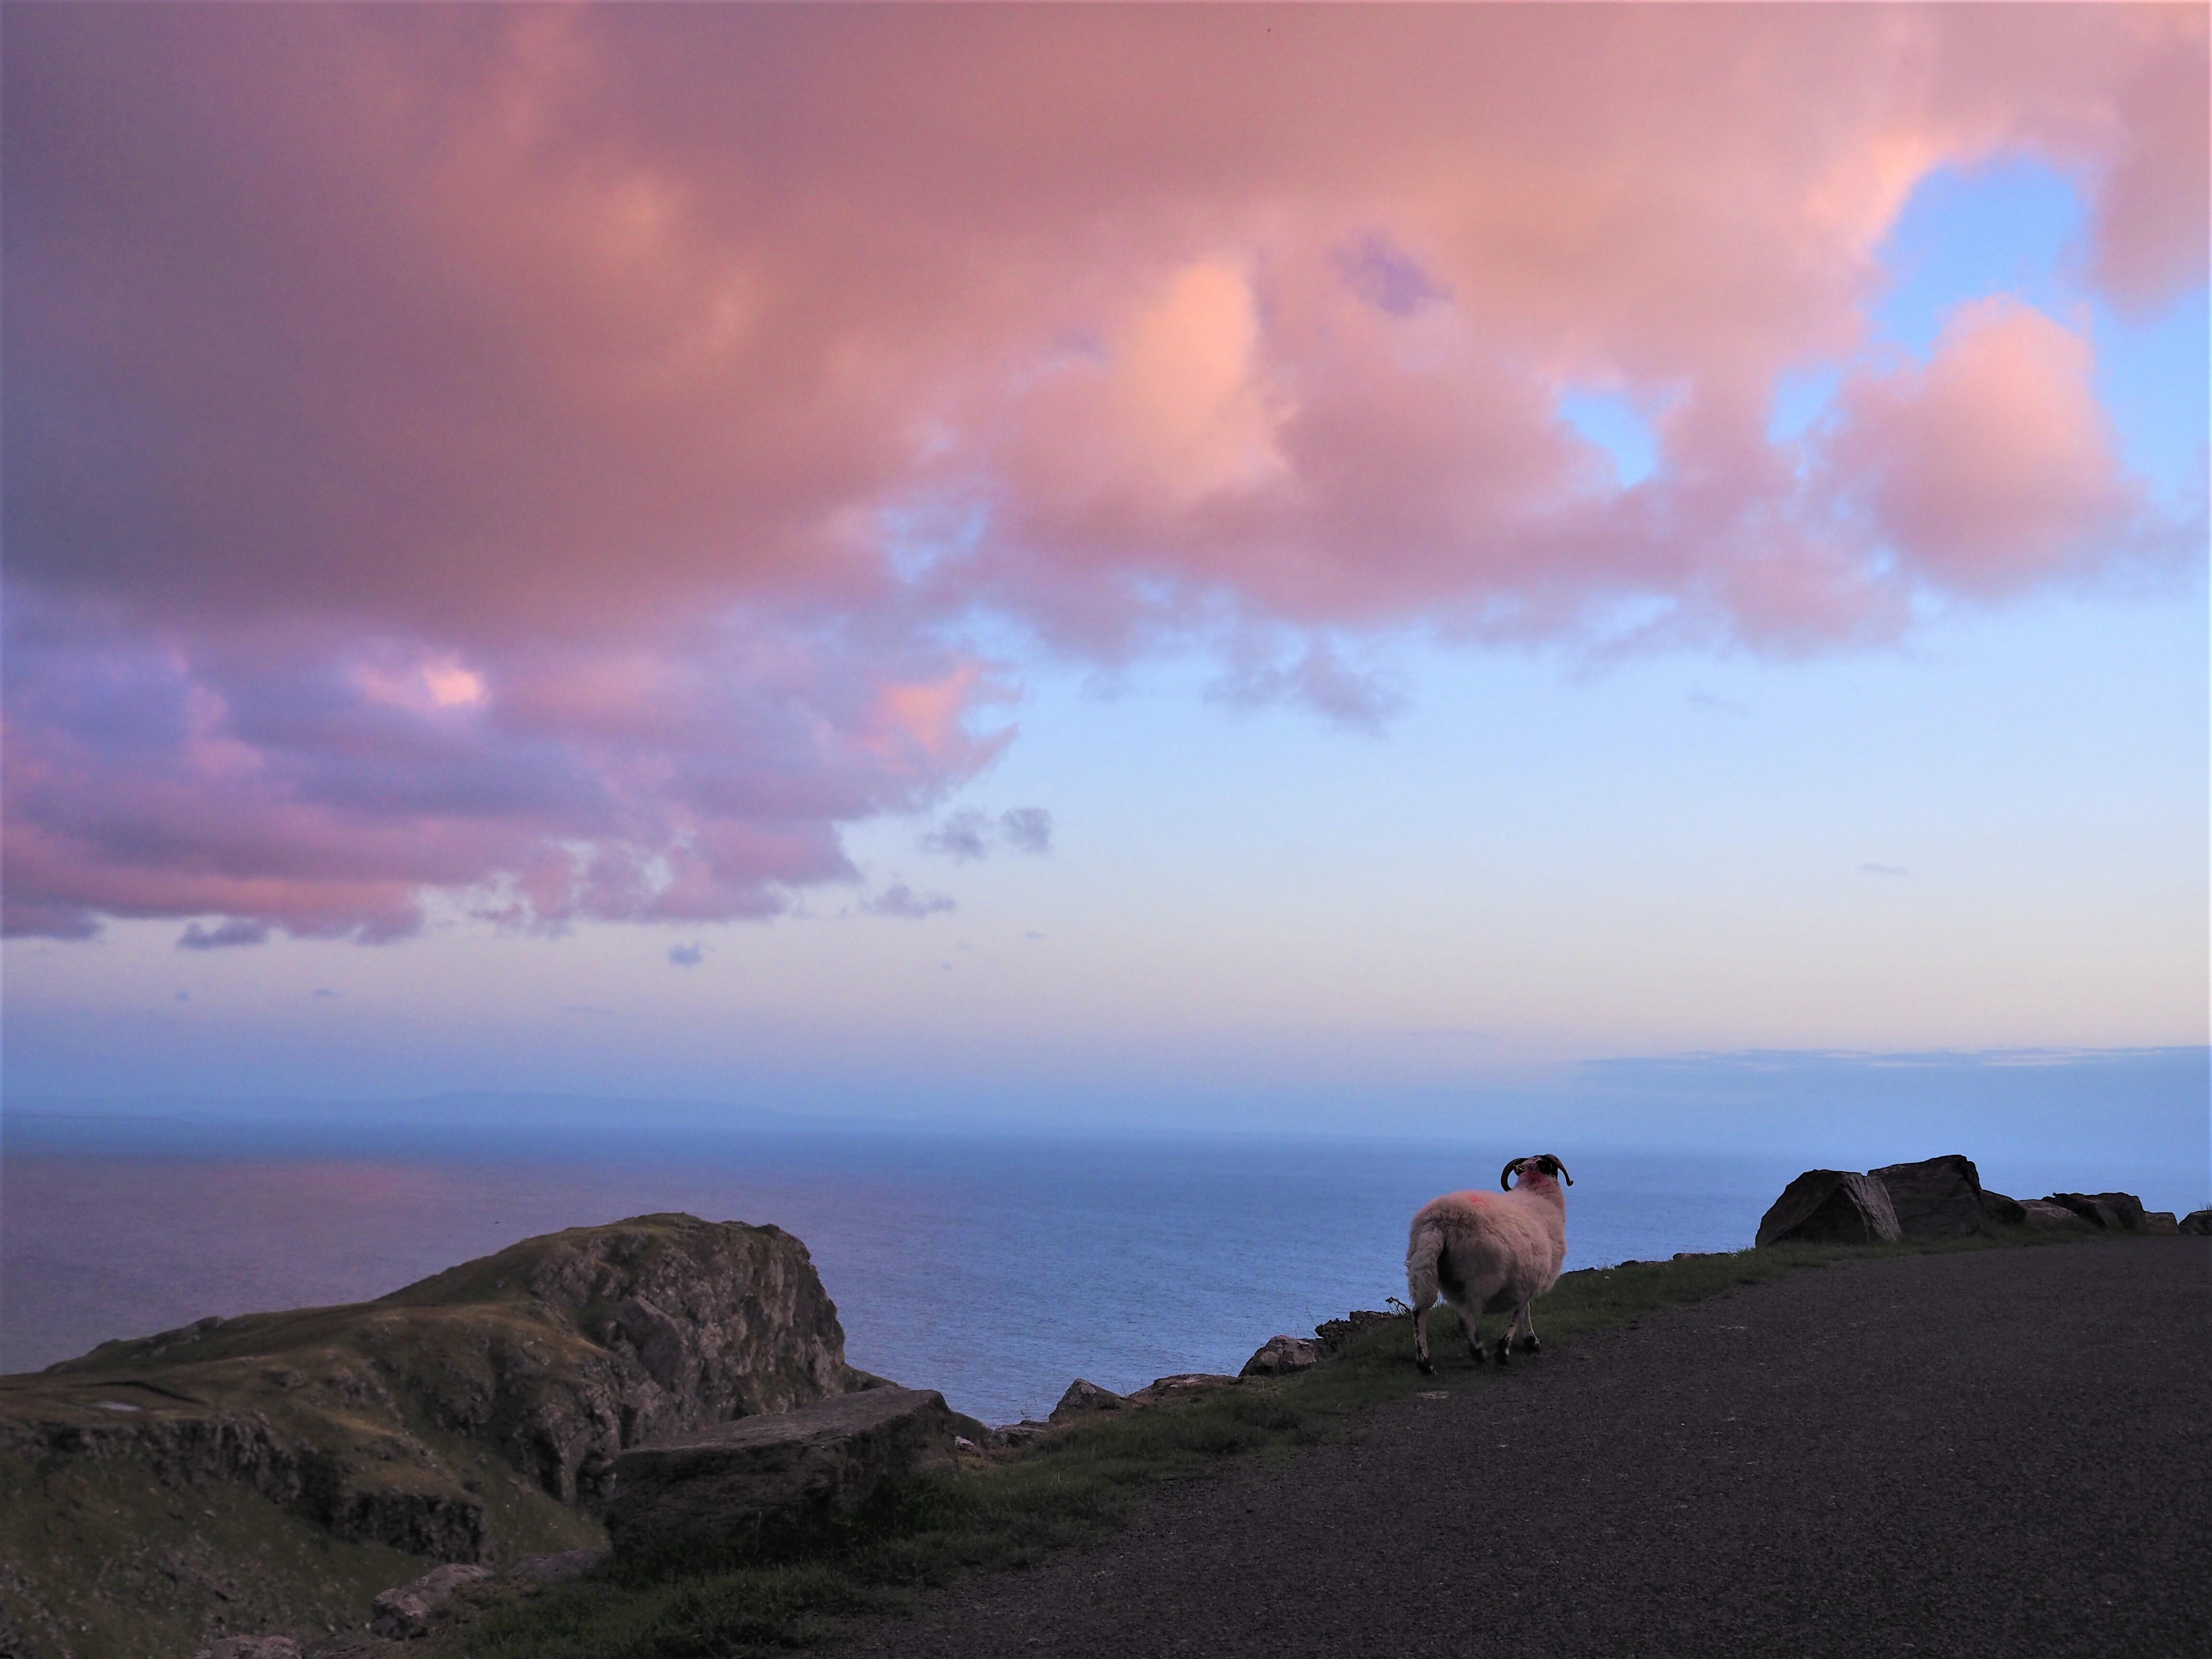 Voyage en Irlande, Comté de Donegal, autour de Slieve League un mouton